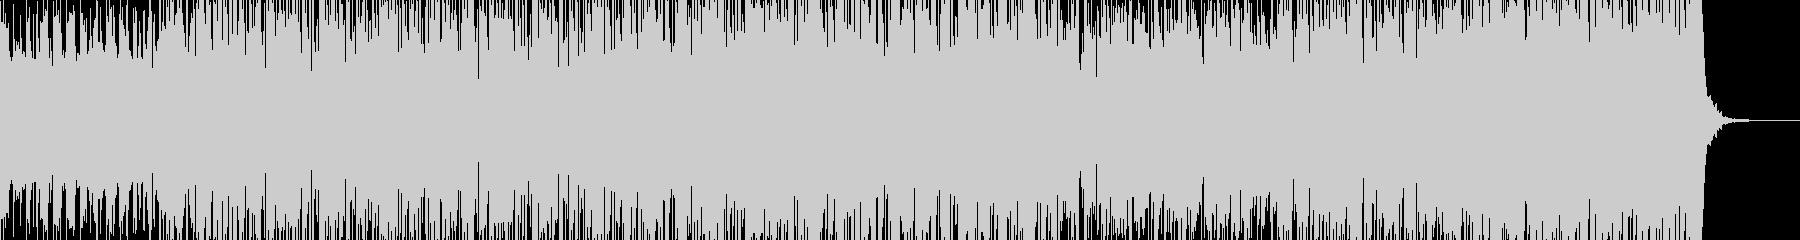 バトル:コミカルなテクノレイヴ60秒の未再生の波形